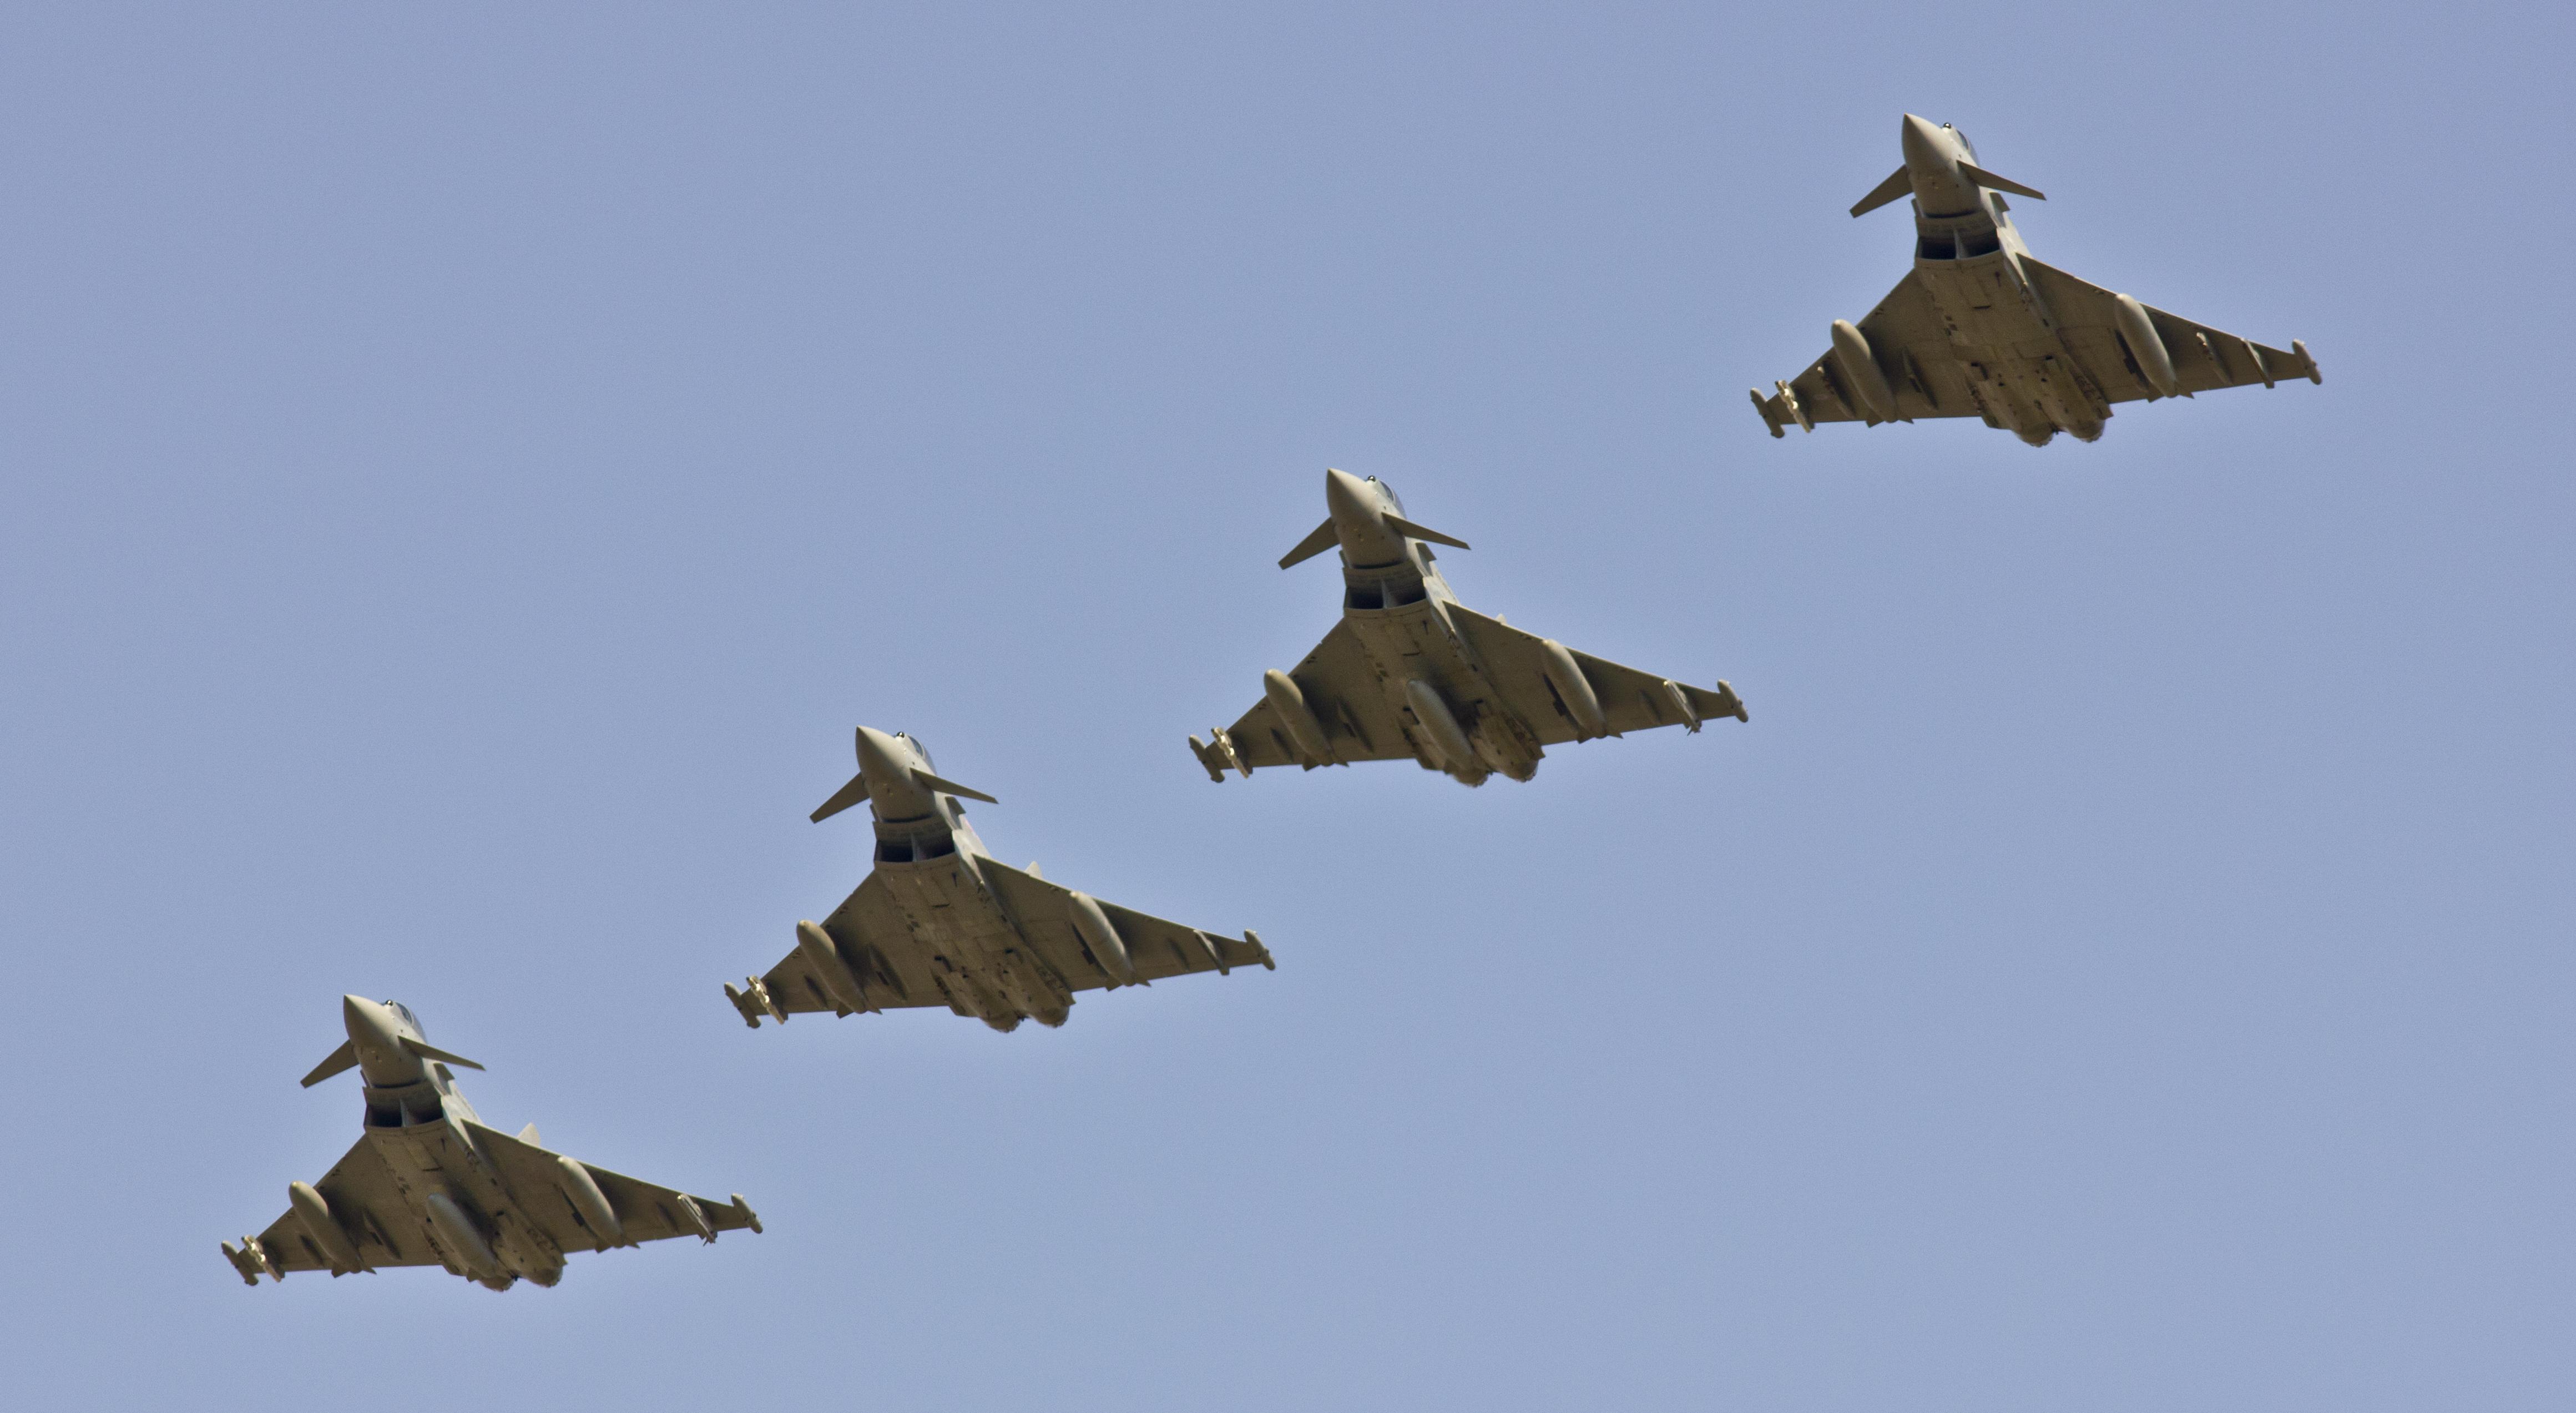 الموسوعه الفوغترافيه لصور القوات الجويه الملكيه السعوديه ( rsaf ) - صفحة 4 9905092604_abfd79d0e7_o